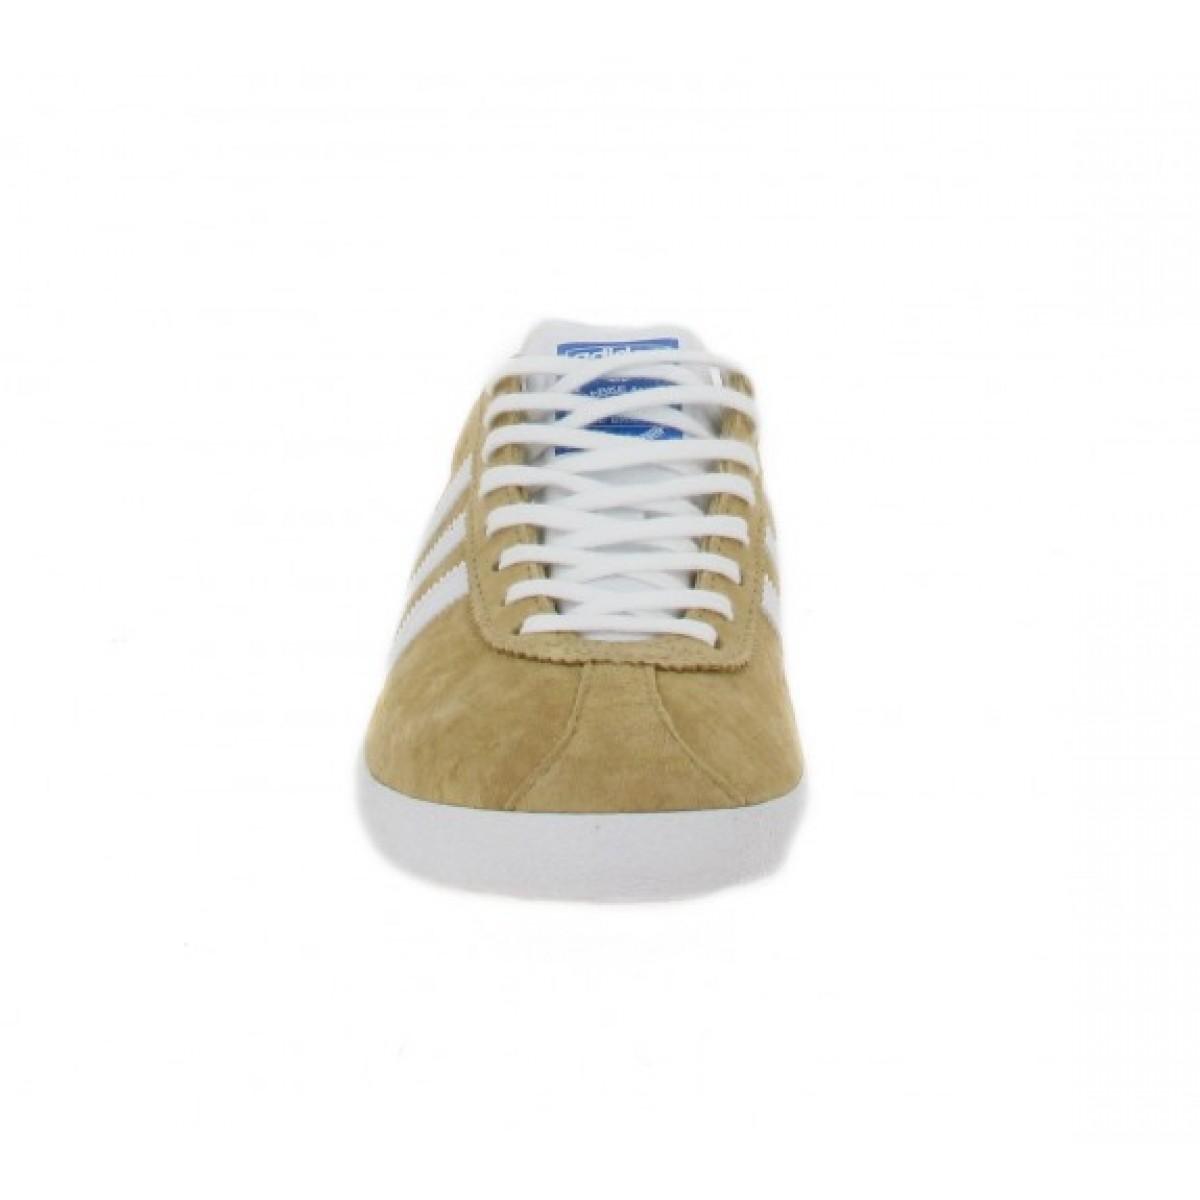 adidas gazelle femme taupe